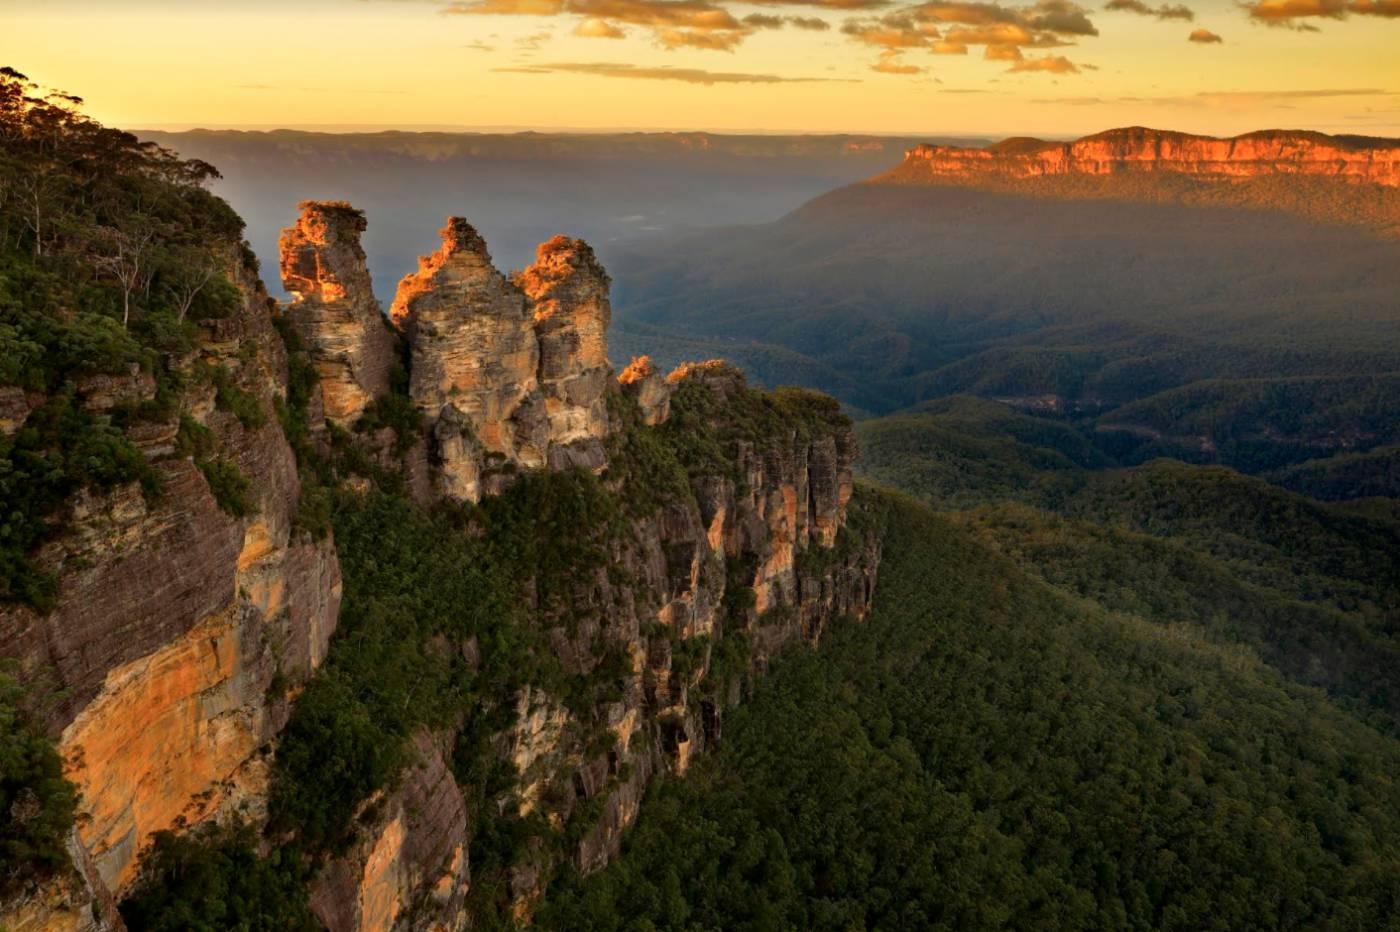 澳大利亚 – 今年要去的地方 | 一步之遥